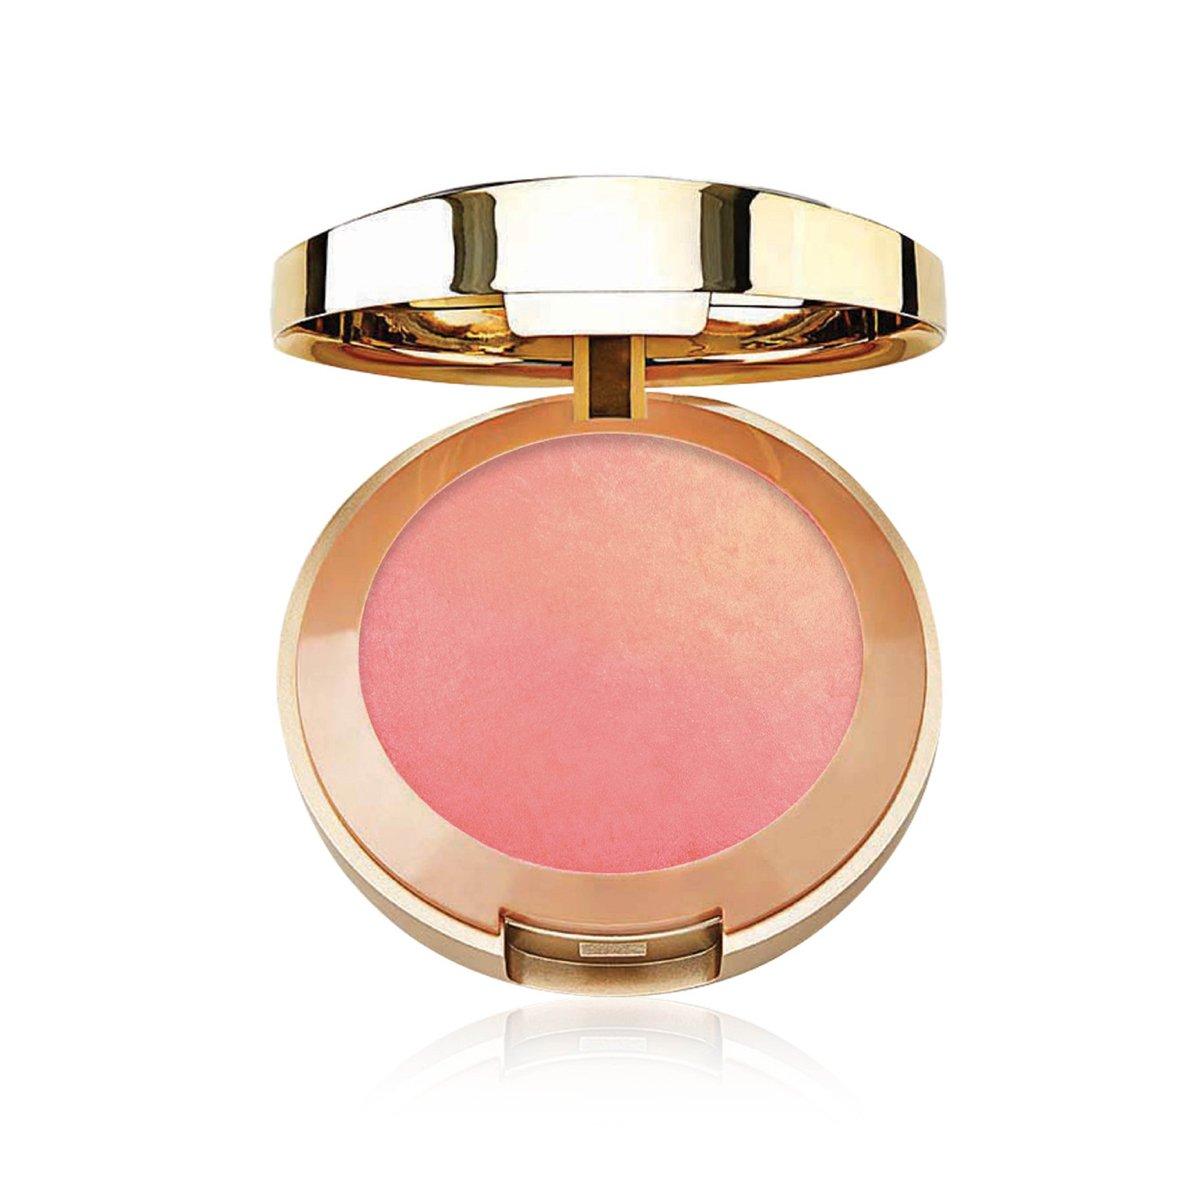 MILANI - Baked Blush, Bella Bellini - 0.12 oz. (3.4 g) Milani Cosmetics